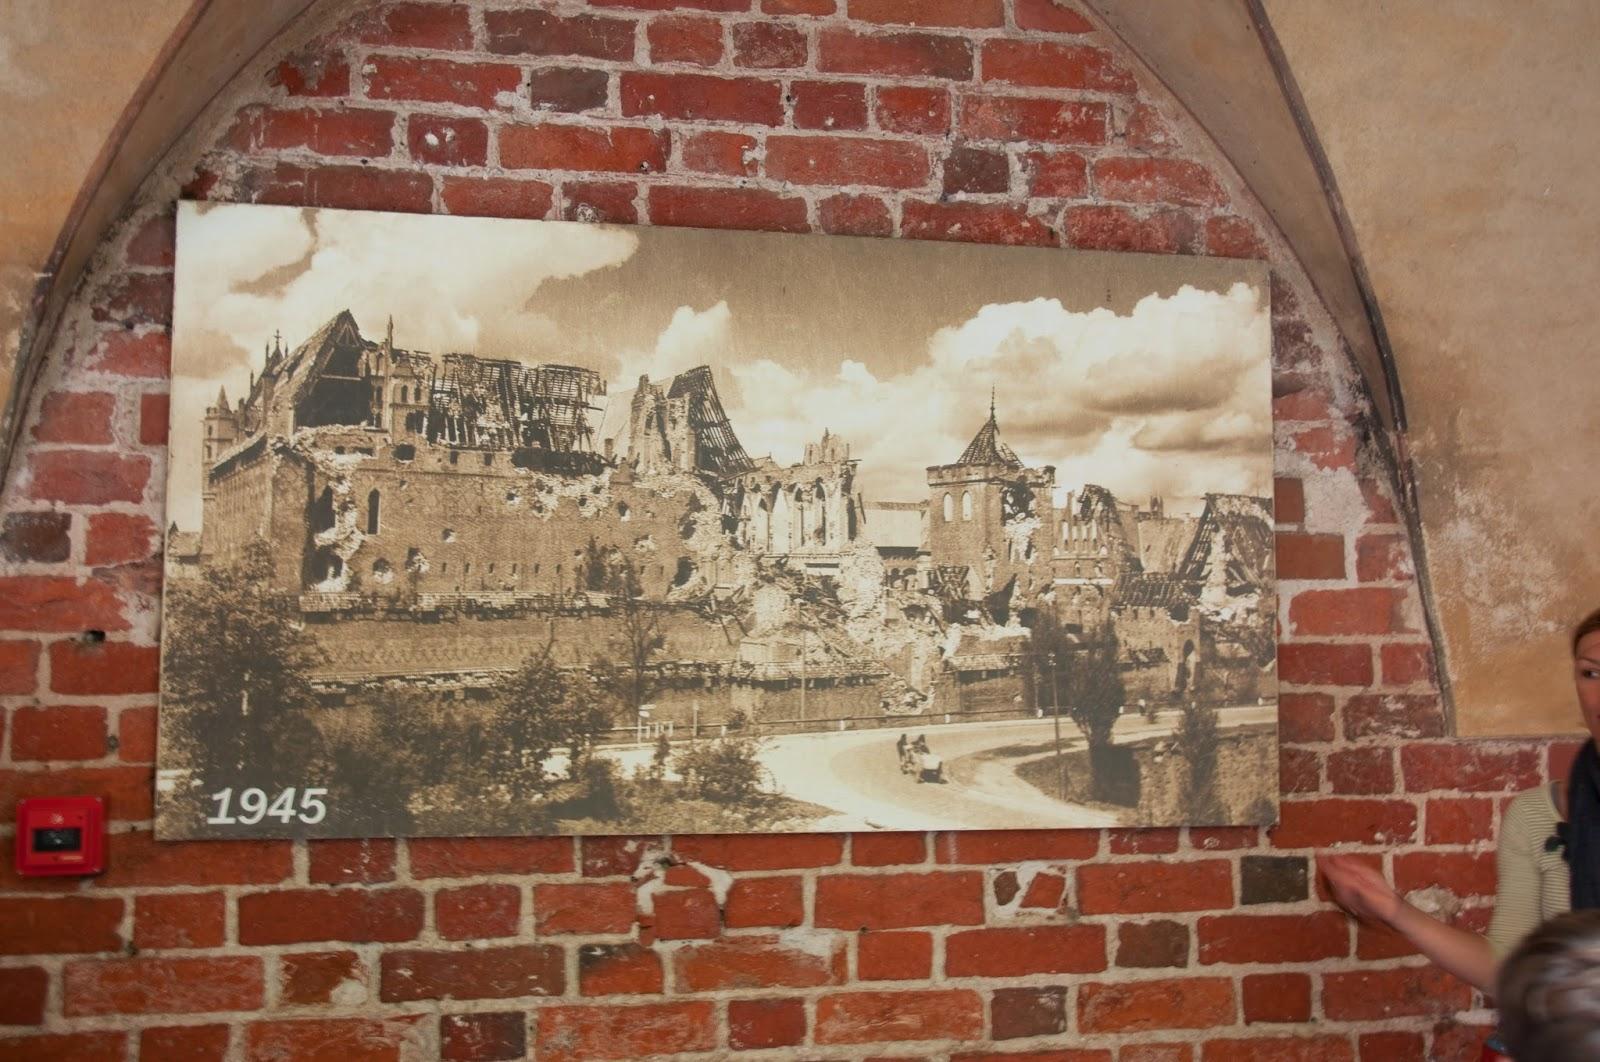 Forteresse de Marienburg, Malbork, la capitale des Chevaliers Teutoniques 3